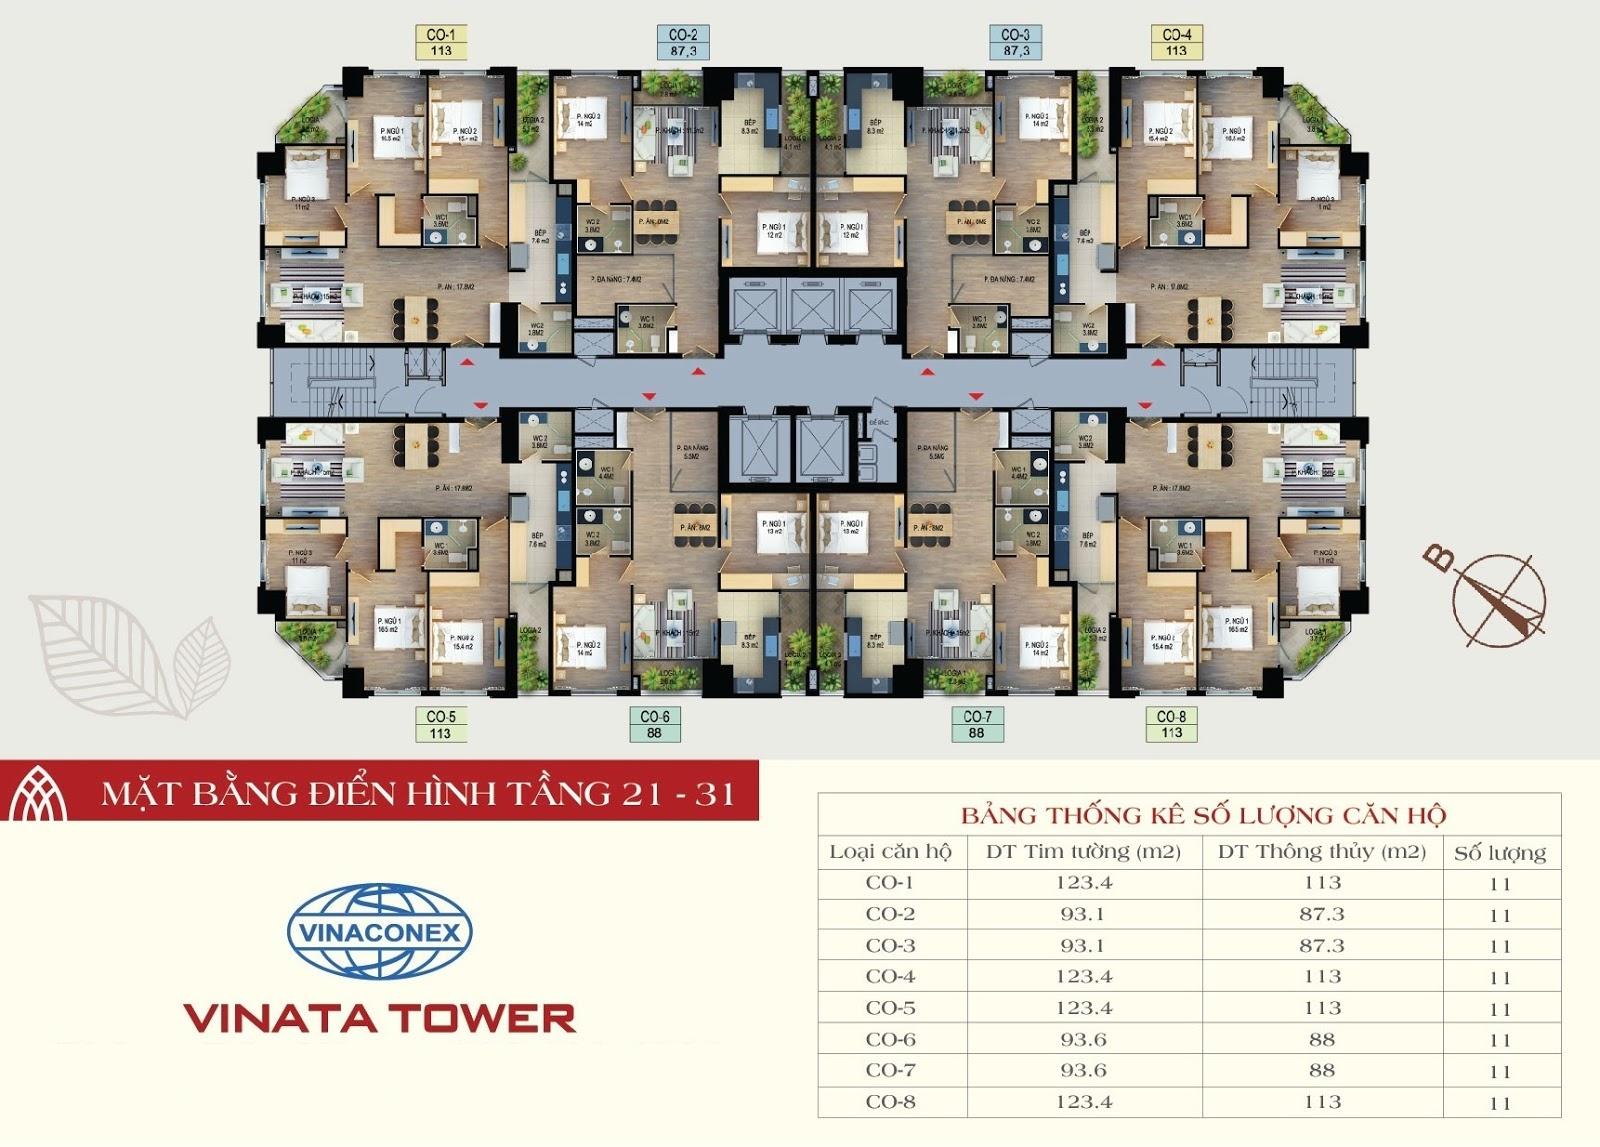 mặt bằng chung cư vinata tower tầng 21-31